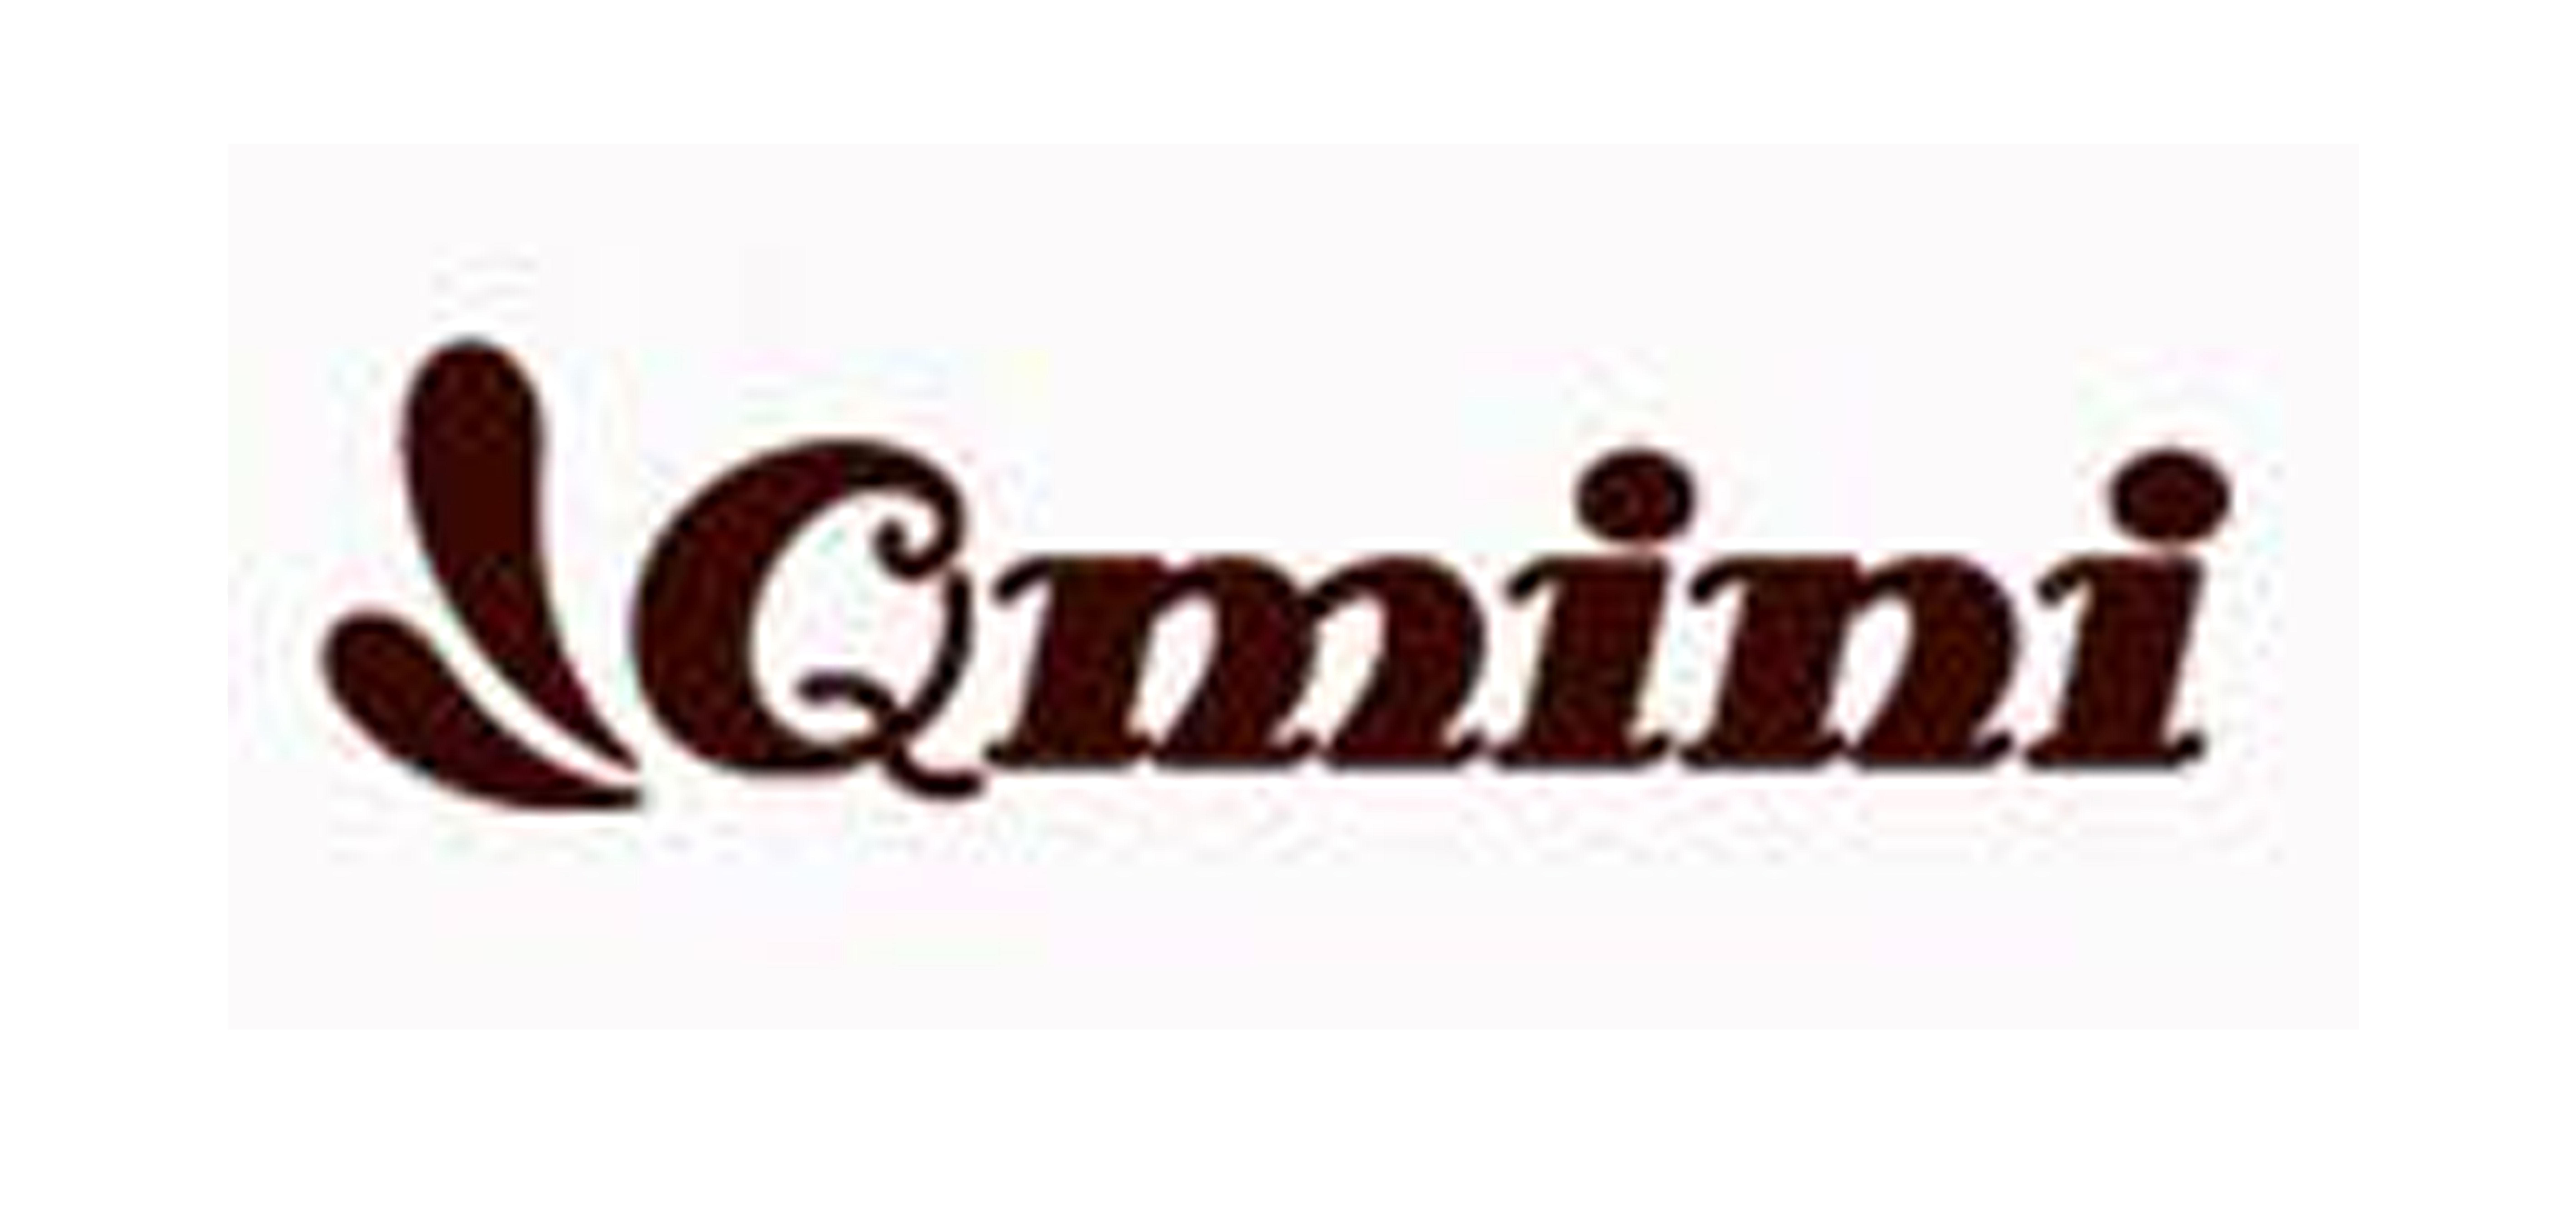 QMINI是什么牌子_QMINI品牌怎么样?